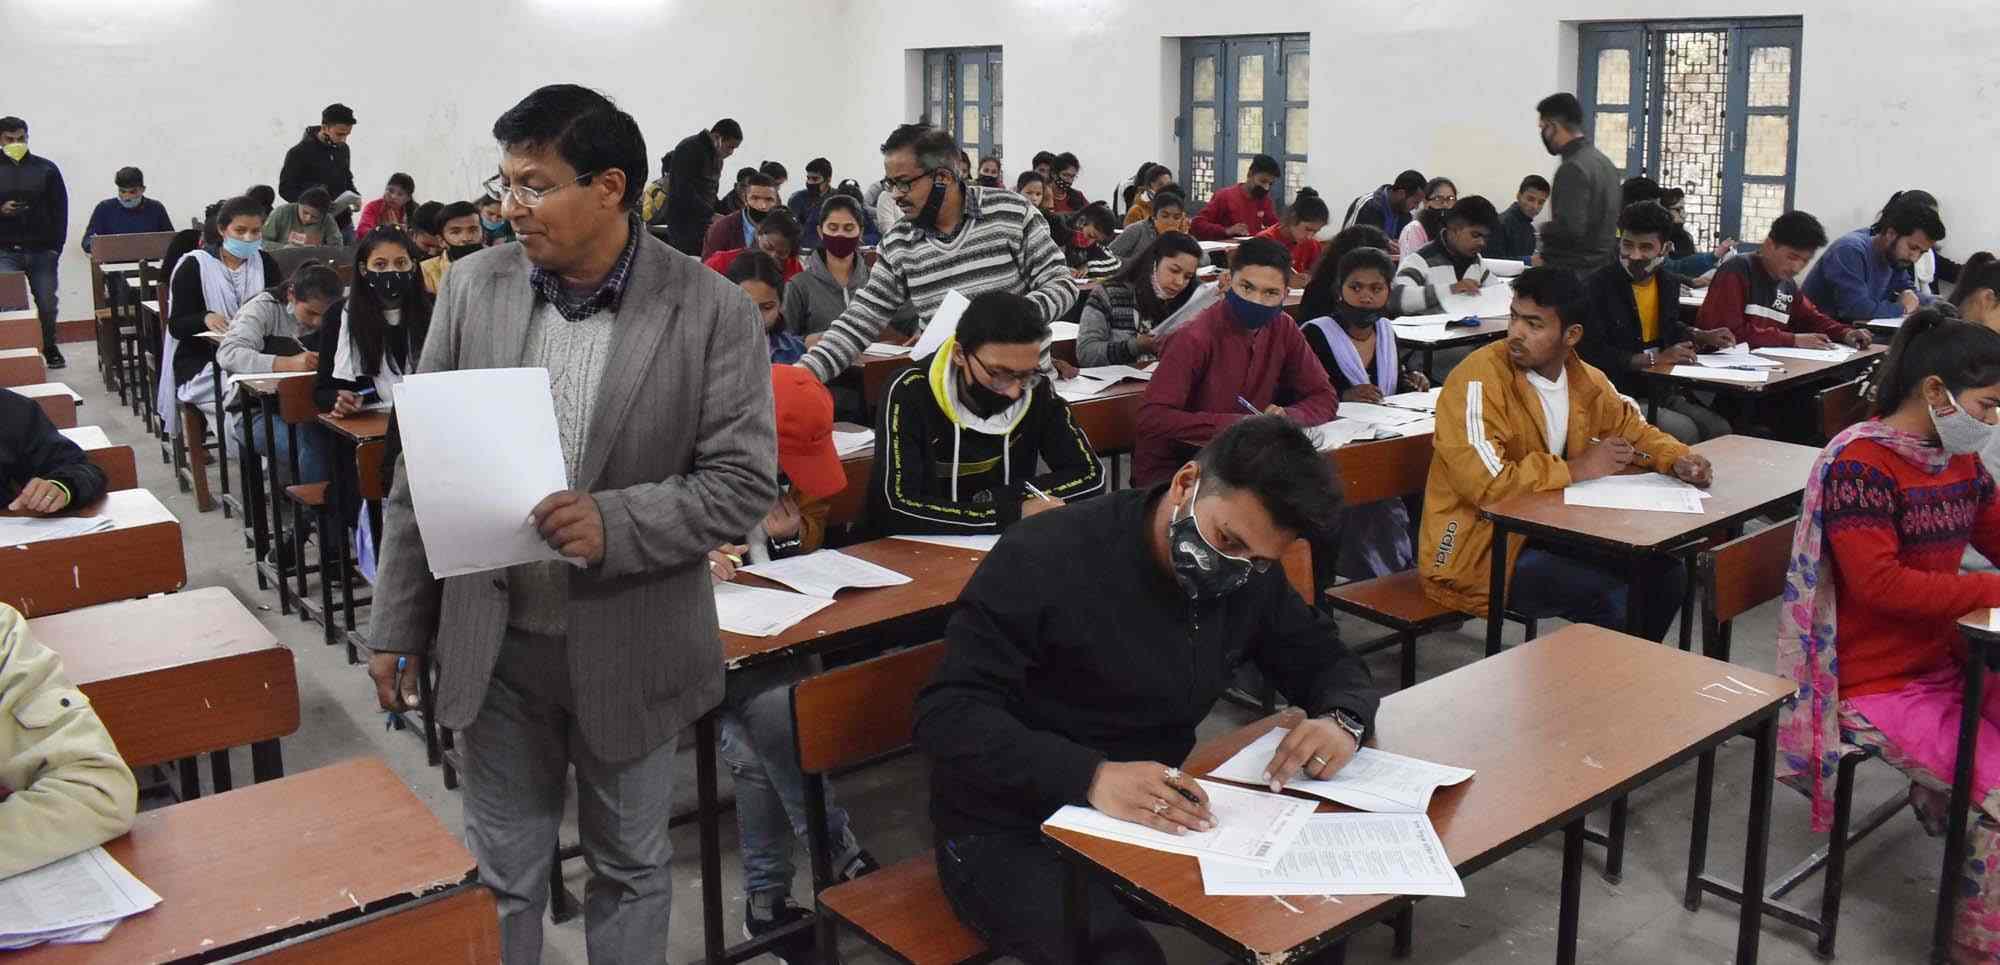 निःशुल्क कोचिंग के लिए चौथे बैच के चयन हेतु पीजी काॅलेज गोपेश्वर में प्रवेश परीक्षा आयोजित